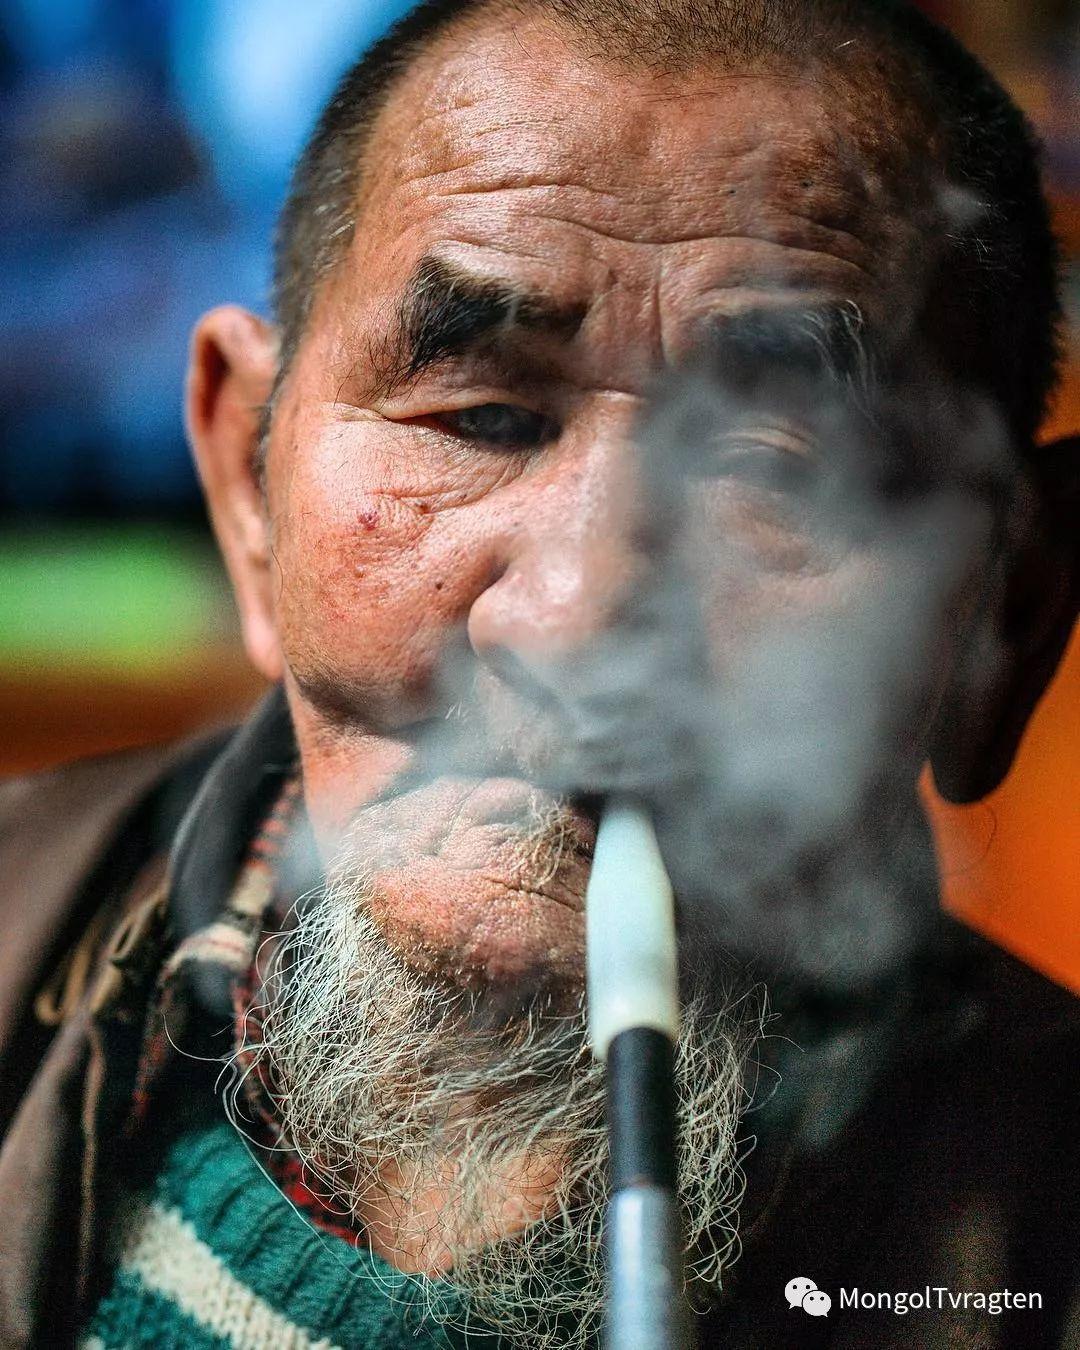 镜头中的蒙古脸庞:摄影师P·杭盖呼摄影作品 第7张 镜头中的蒙古脸庞:摄影师P·杭盖呼摄影作品 蒙古文化